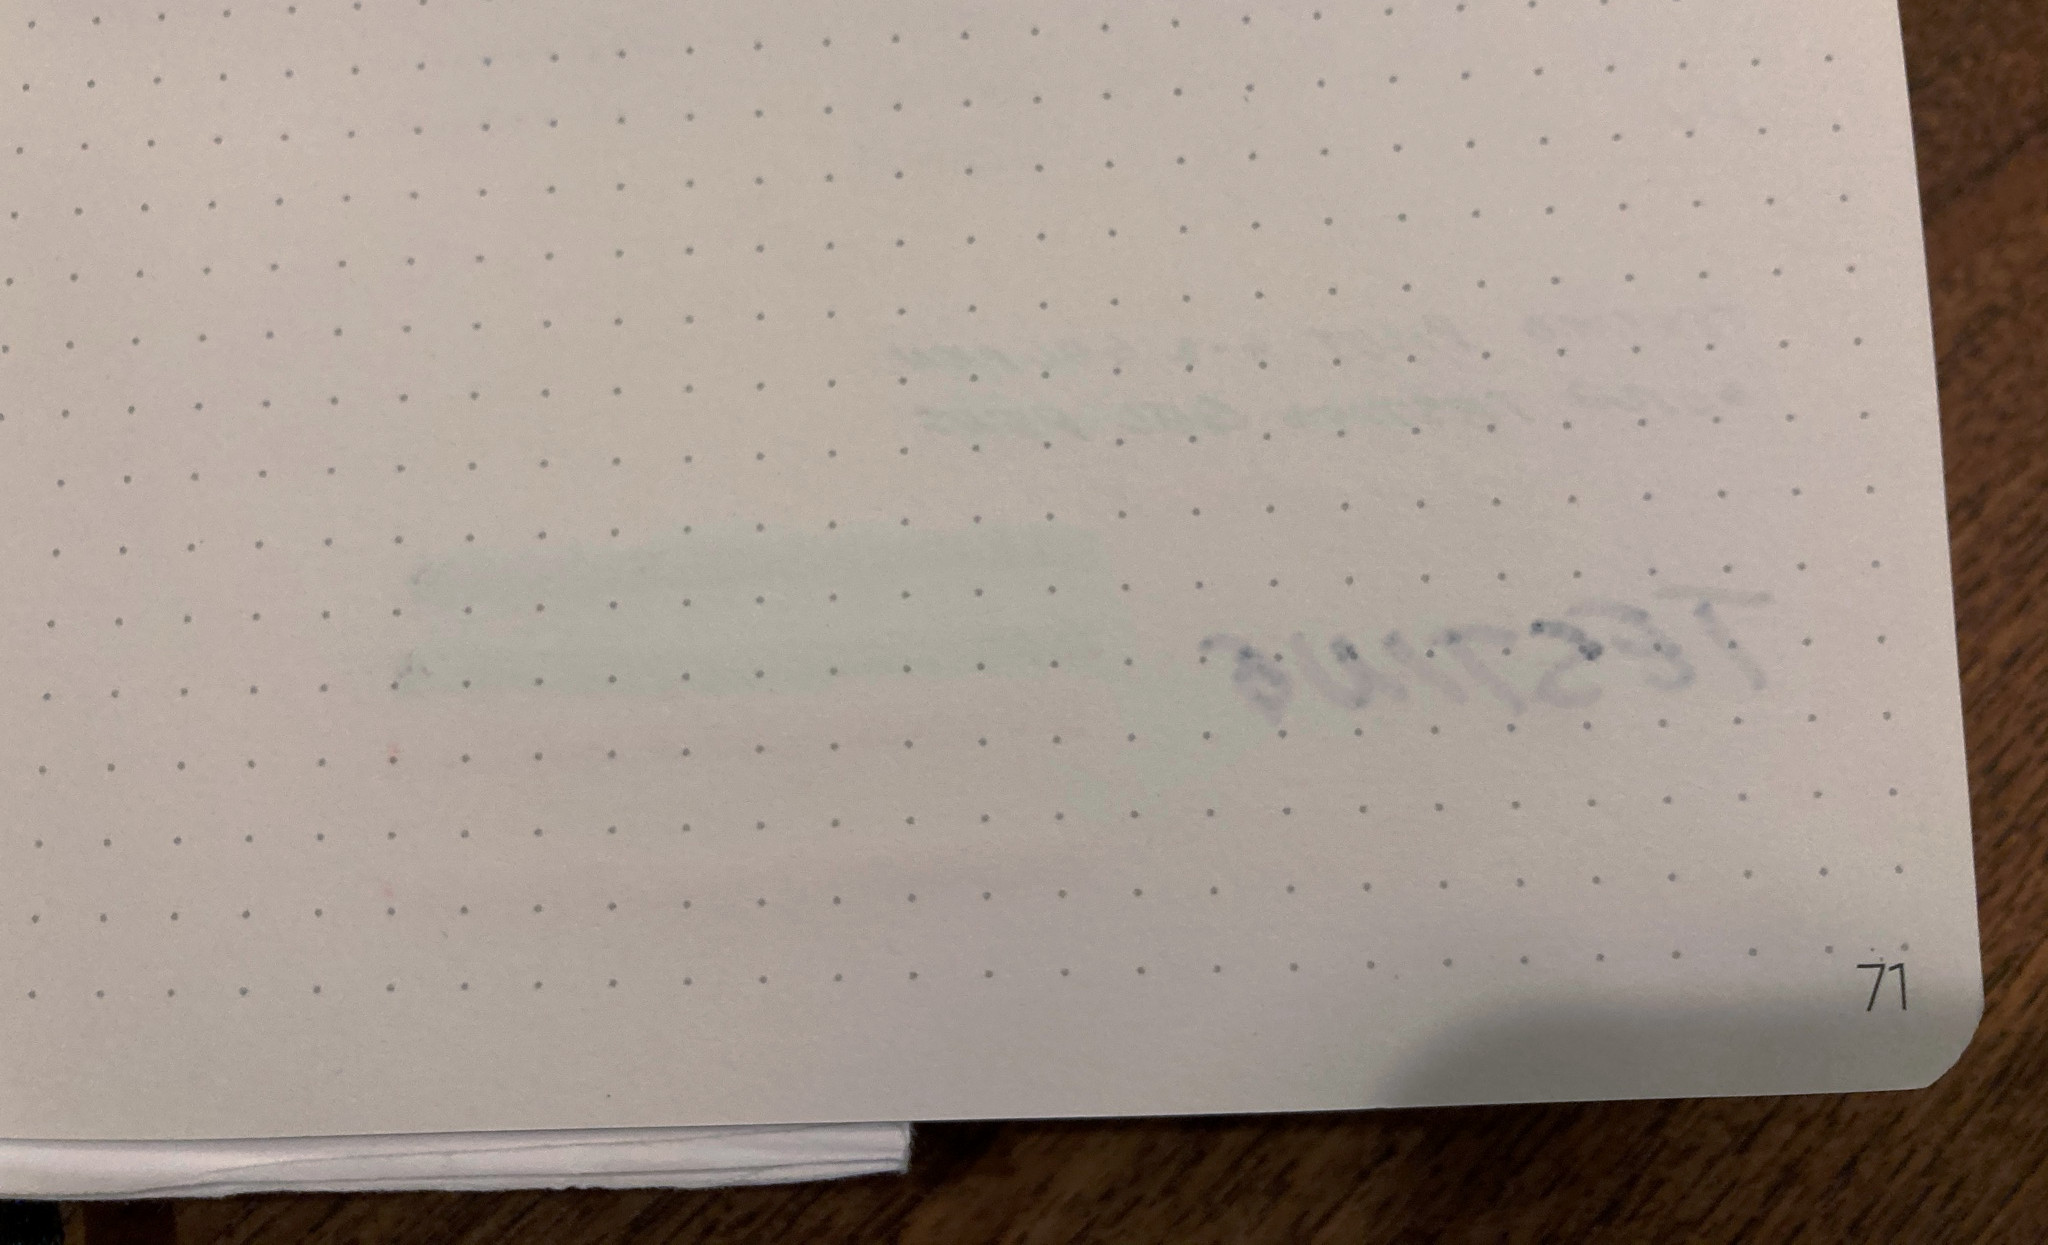 Hustler's Classic Notebook